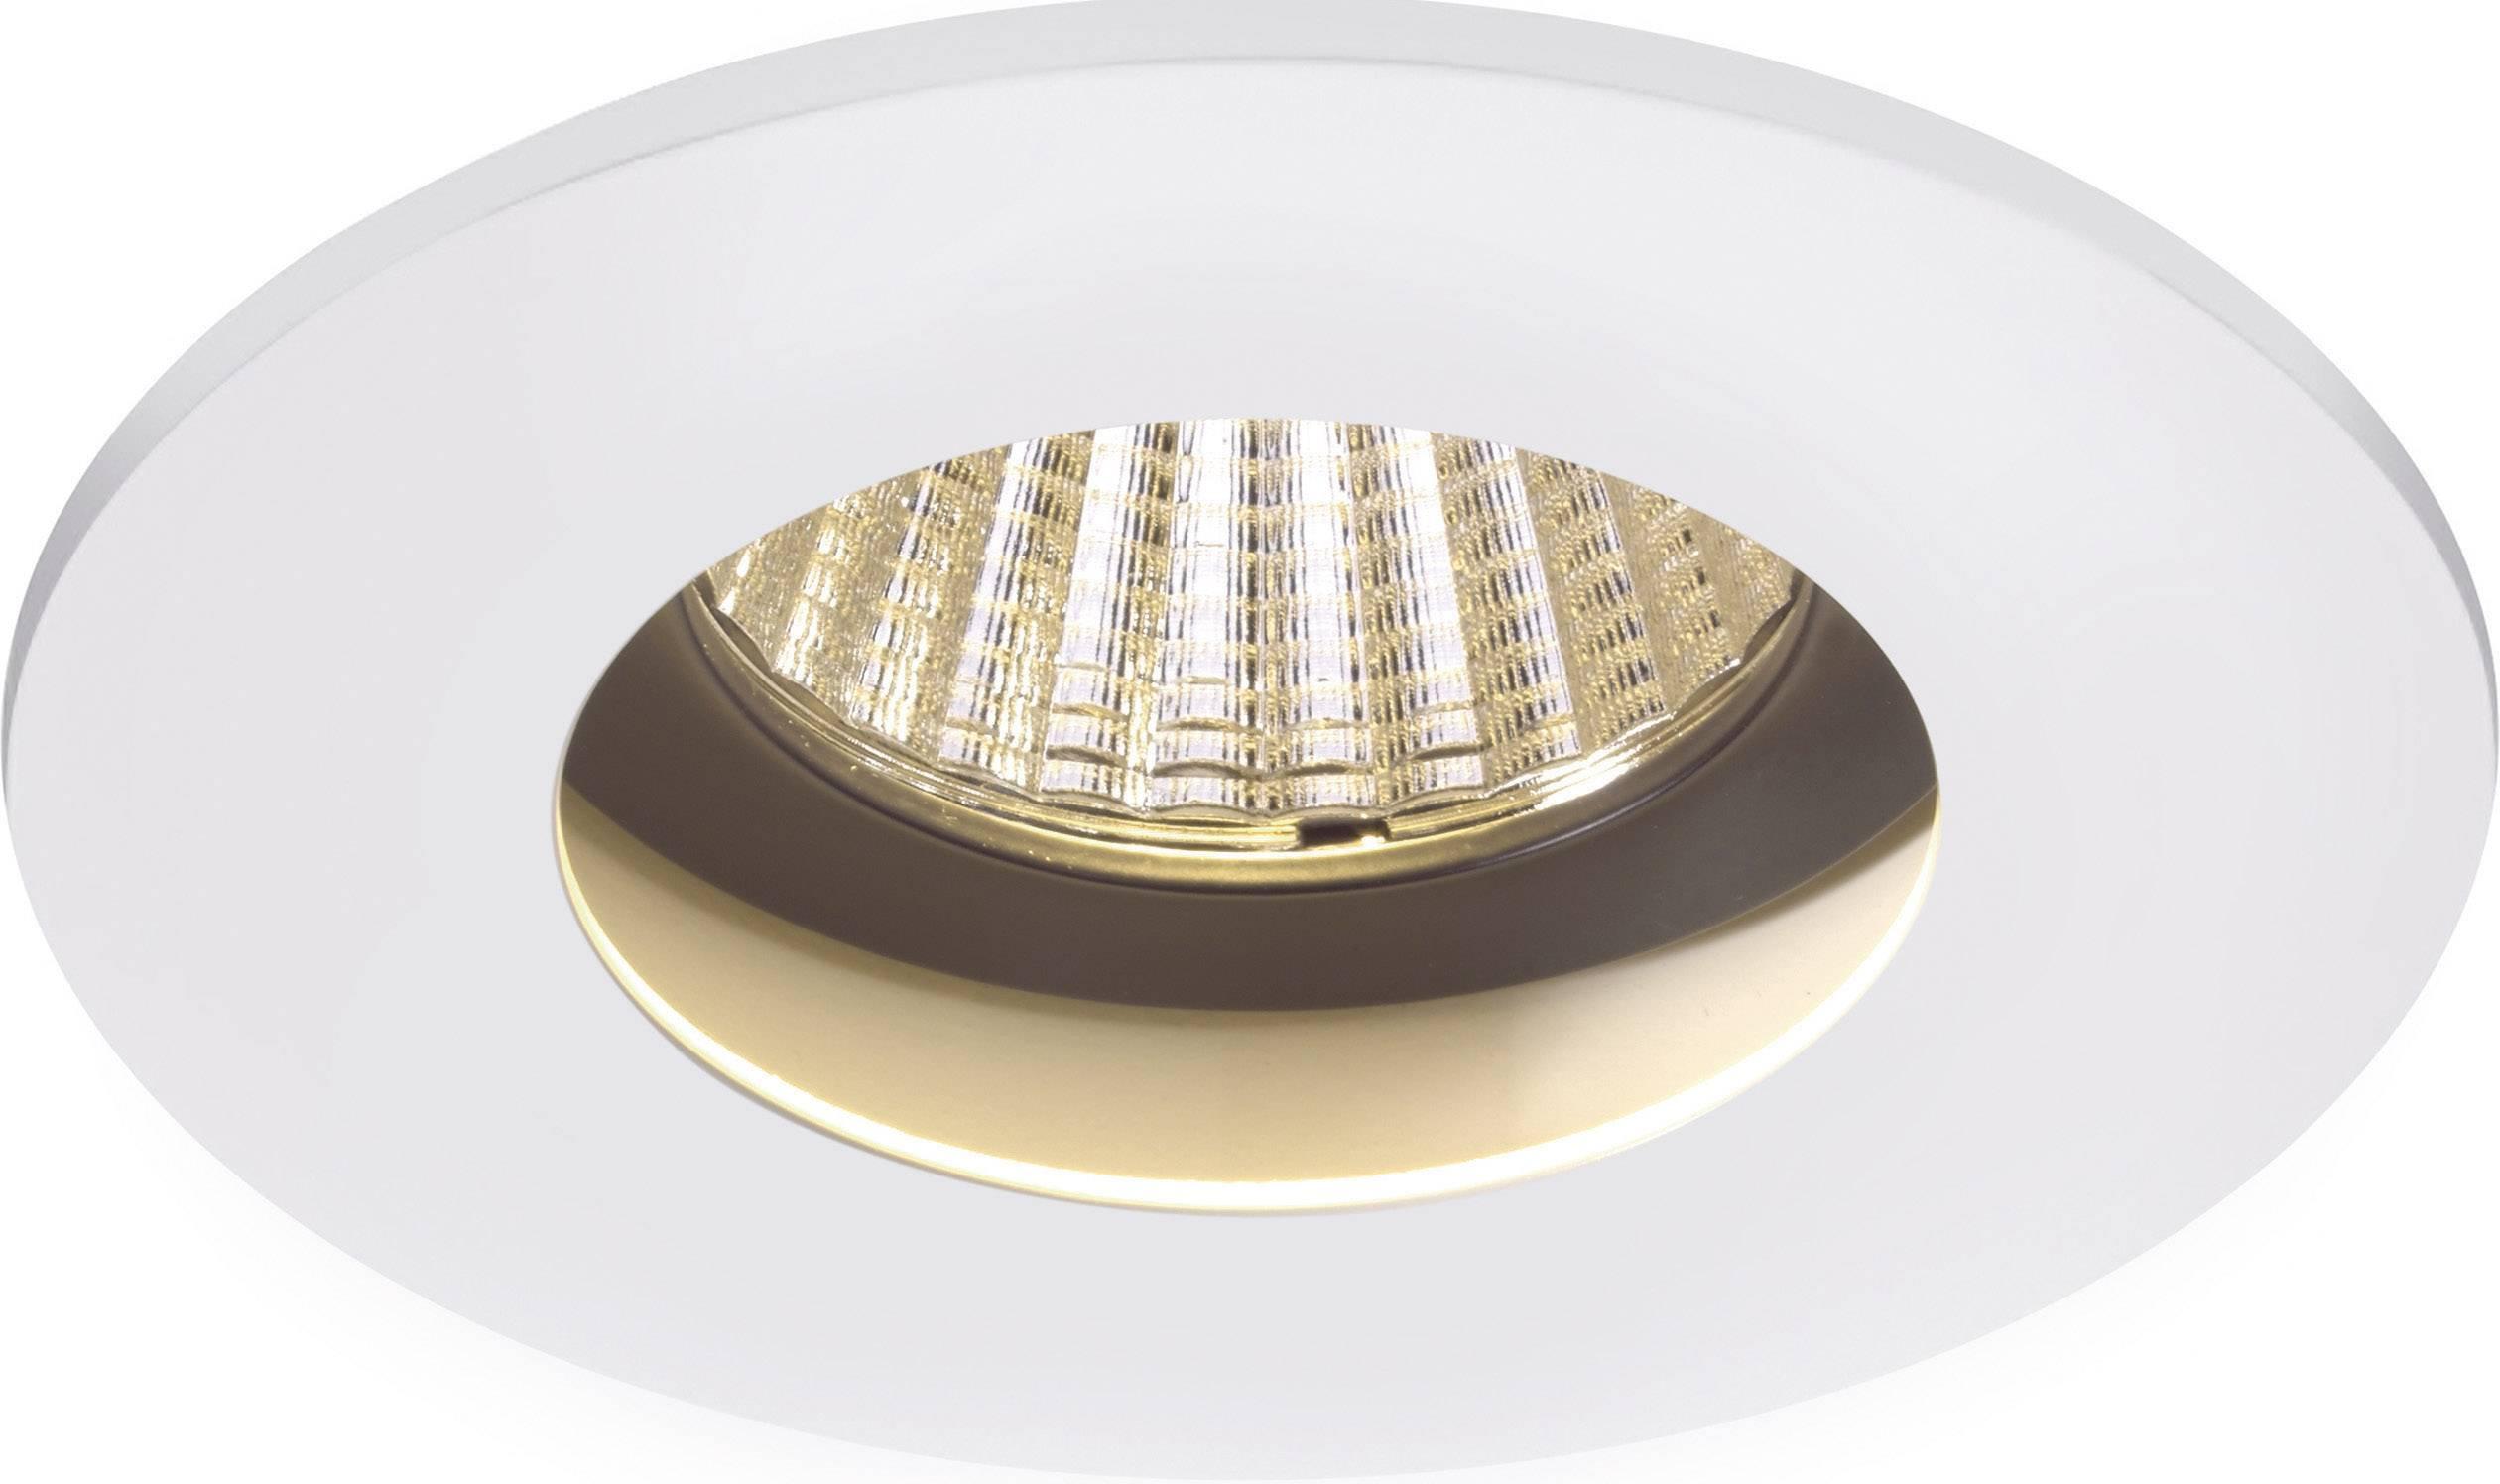 LED vstavané svetlo Sygonix Egna 12559X, 10 W, teplá biela, biela